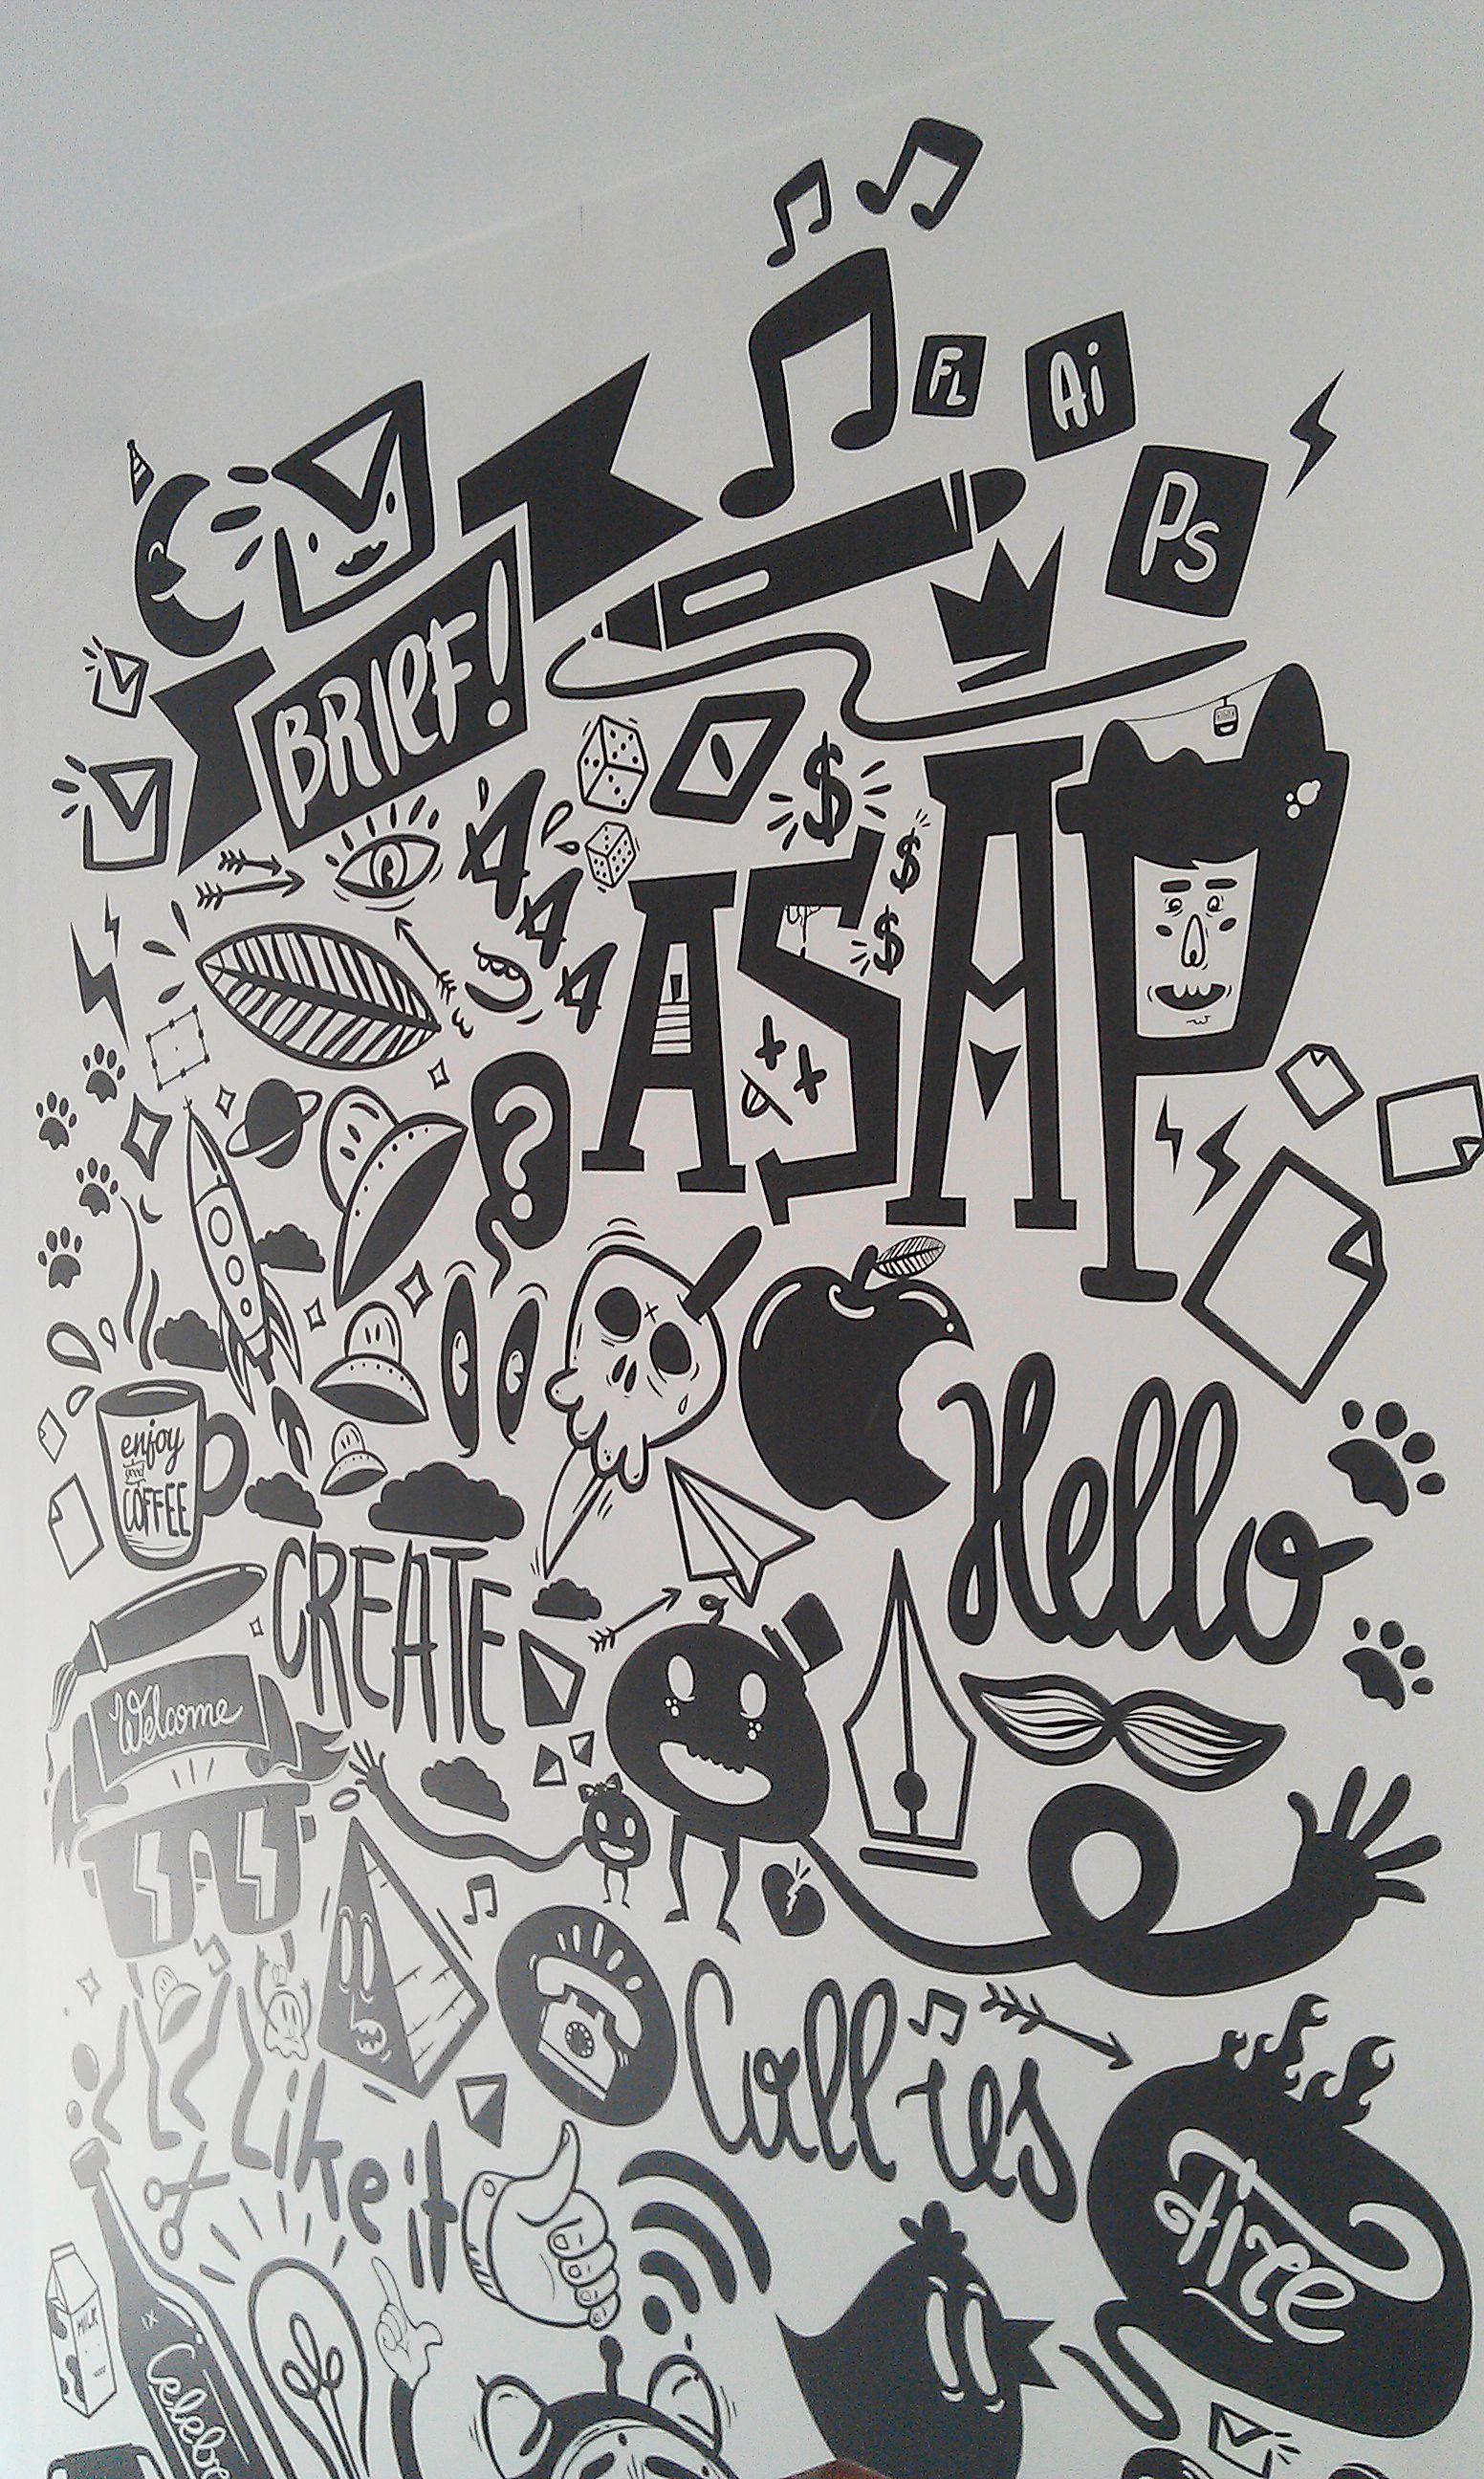 Agency Life Mural Peterjaycob Desenhos Para Parede De Quarto Pintura De Parede Criativa Murais De Parede